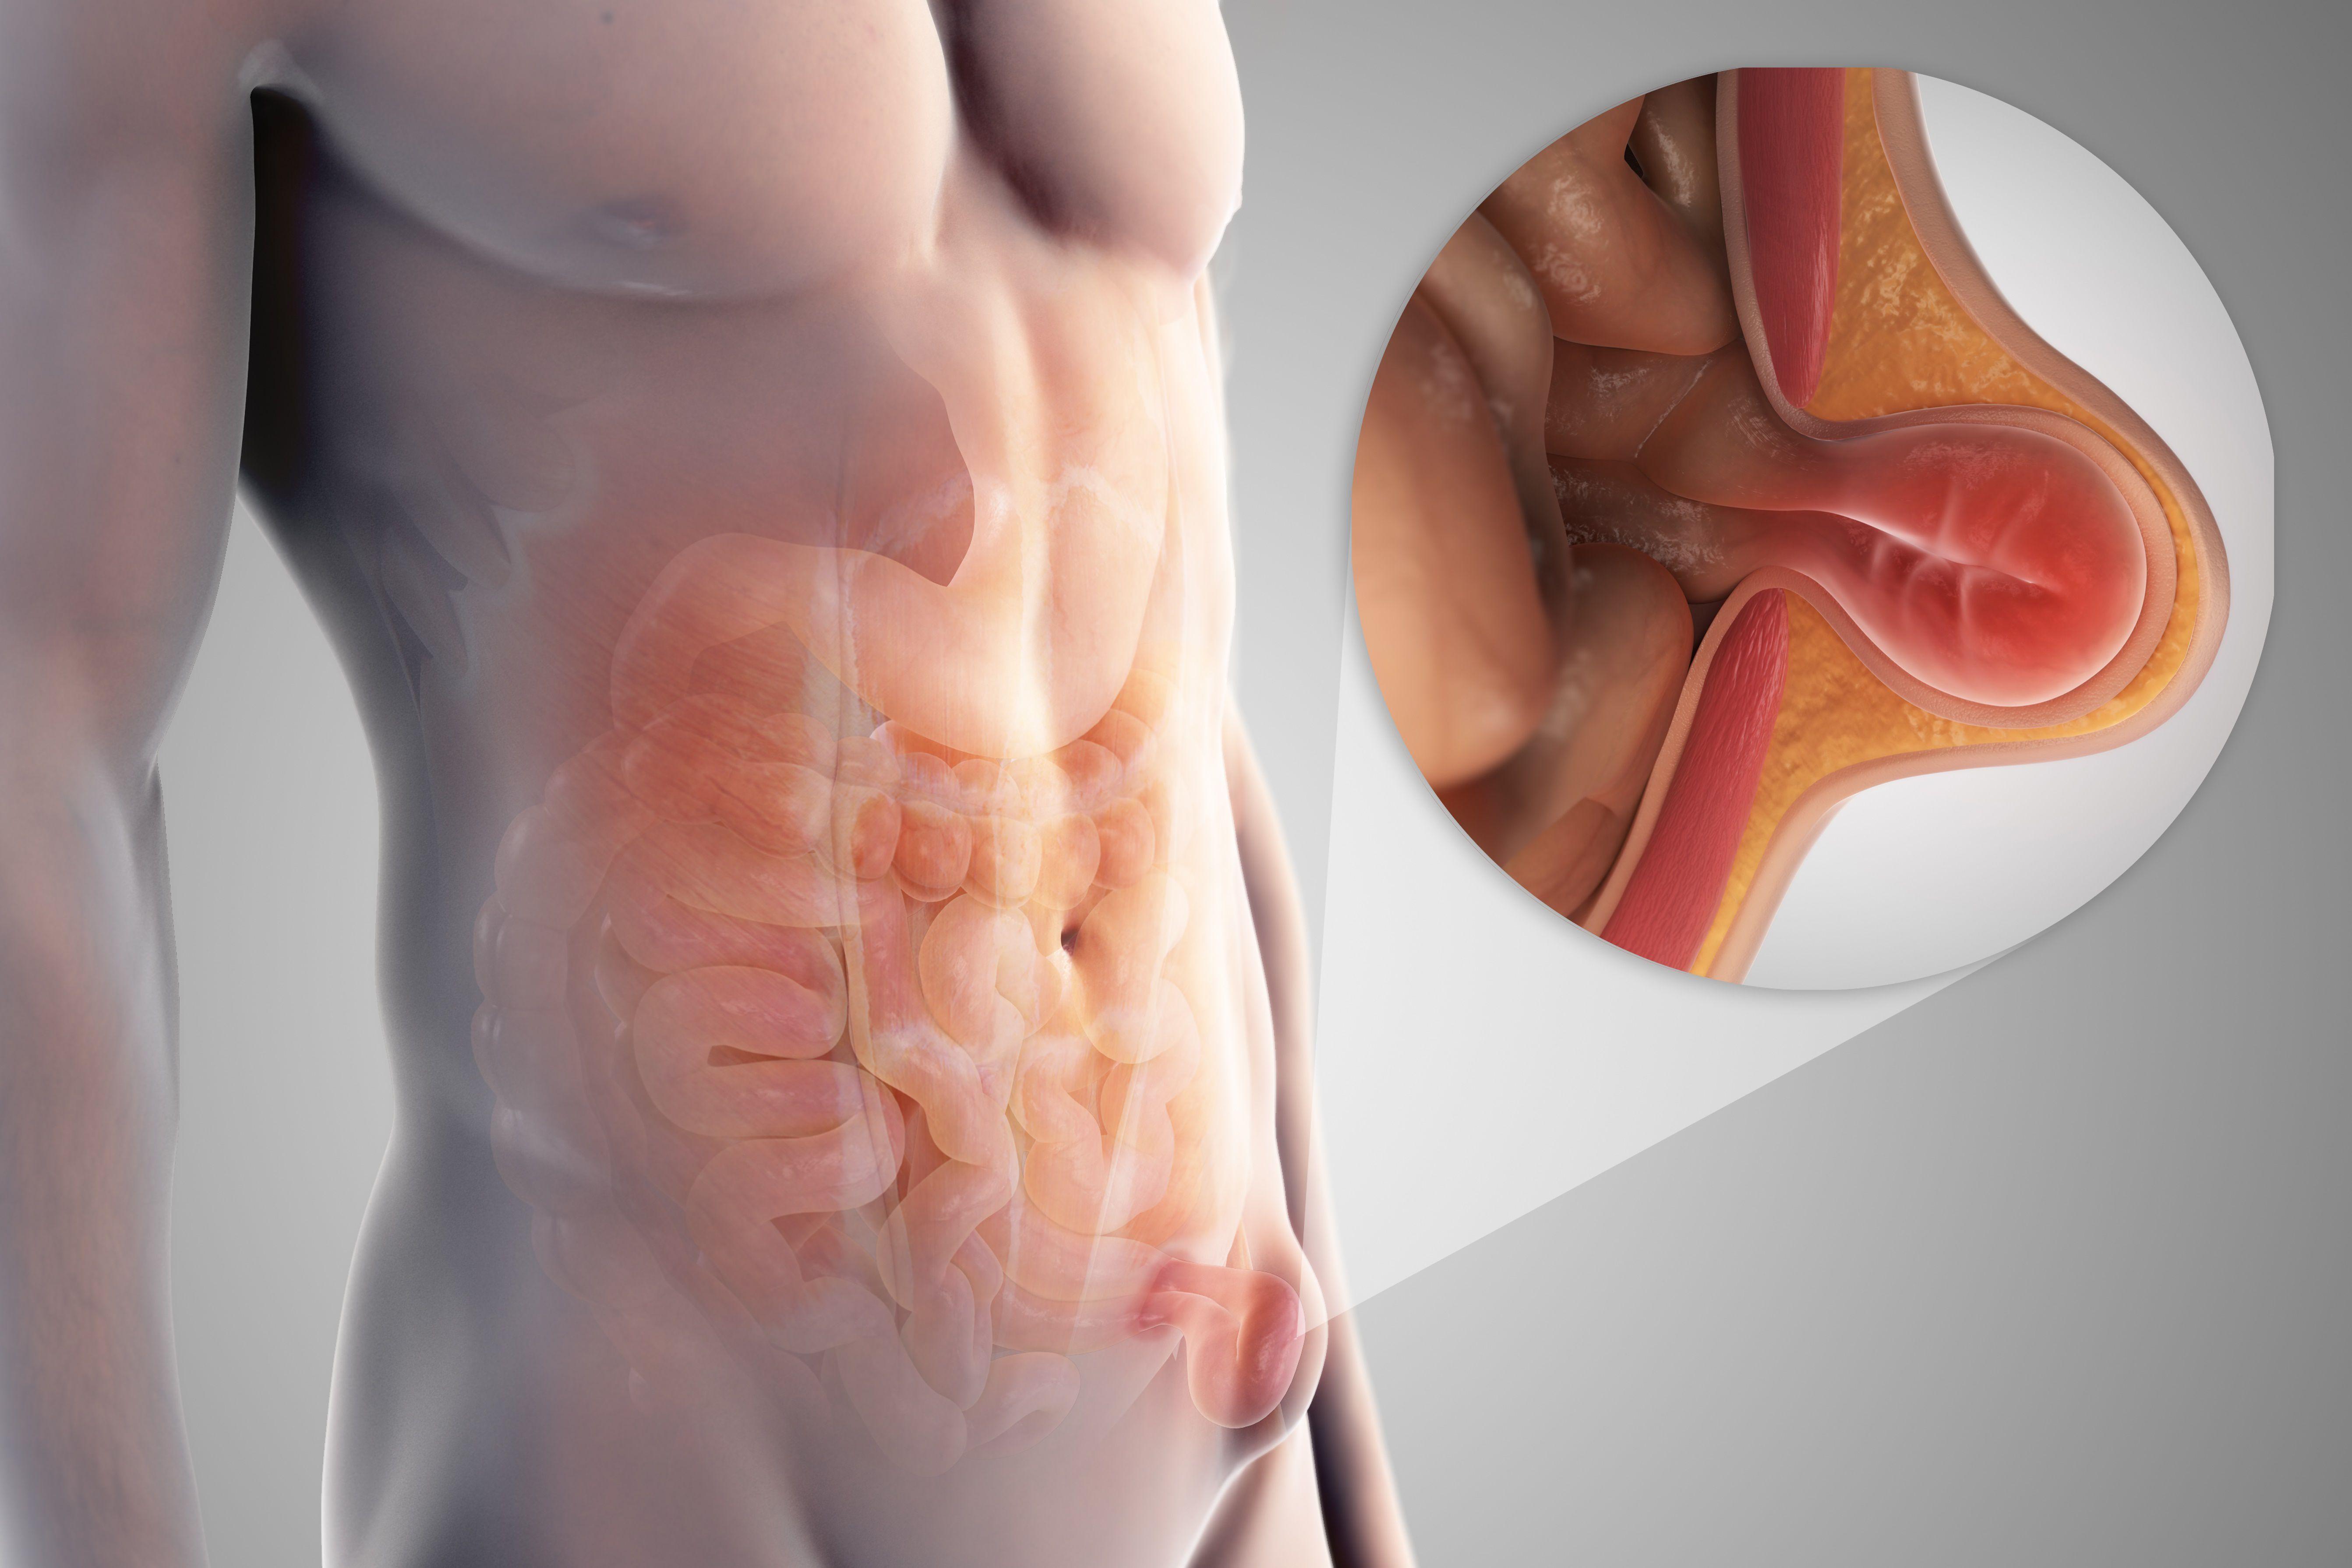 sintomas de hernia genital